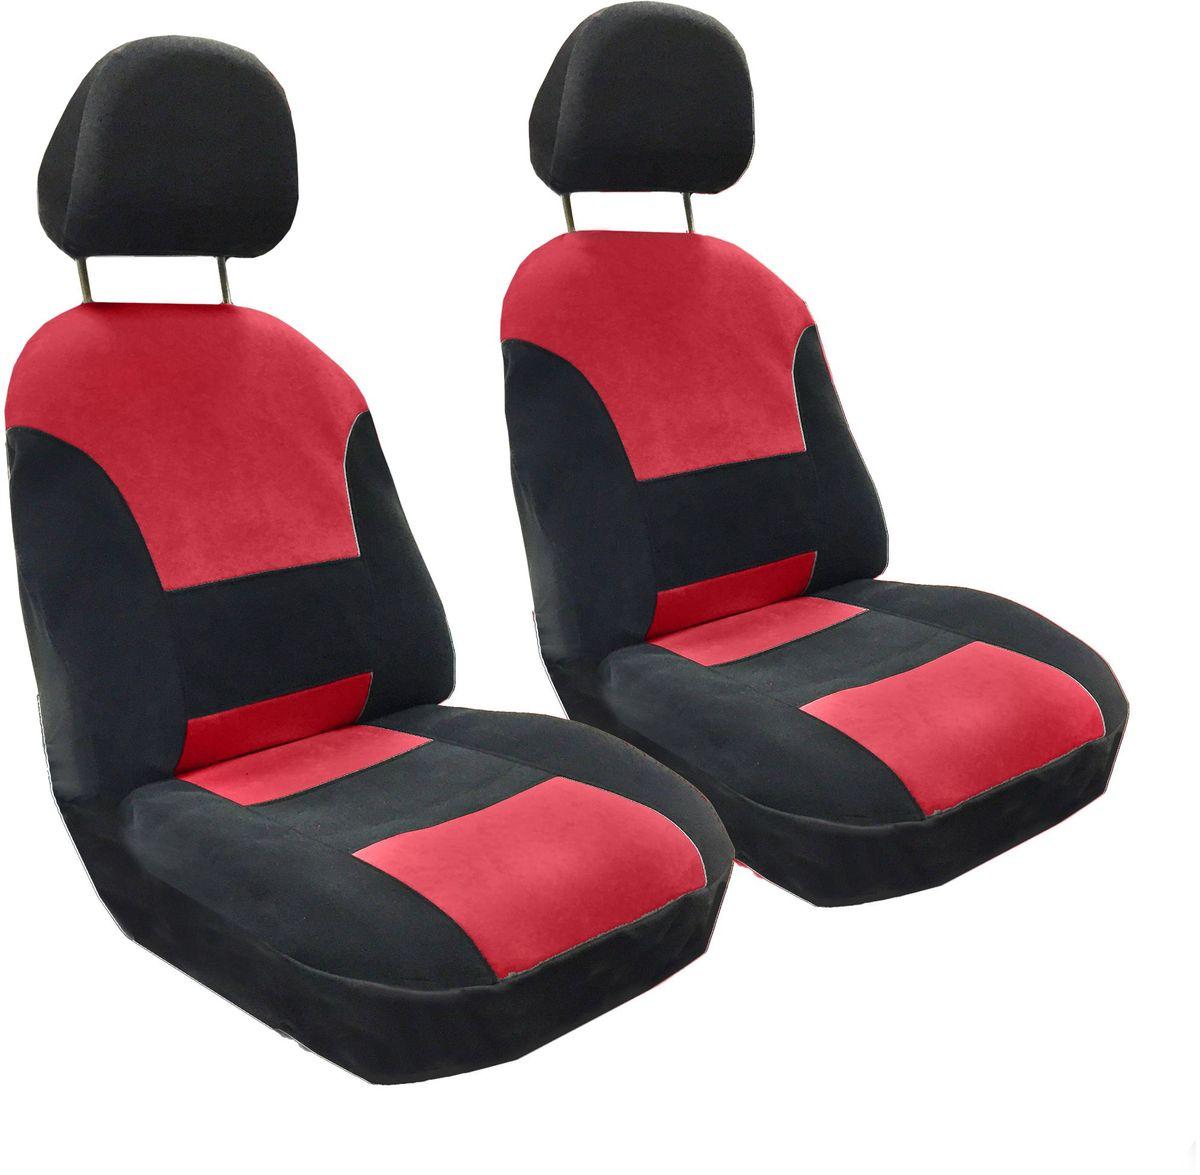 Набор автомобильных чехлов Auto Premium Флагман, цвет: черный, красный, 4 предмета57103Комлект универсальных чехлов на передние сиденья выполнен из велюра, предназначен для передних кресел автомобиля. На задней спинке чехла расположен вшивной карман. В комплект входят съемные чехлы для подголовников .Практичный и долговечный комплект чехлов для передних сидений надежно защищает сиденье водителя и пассажира от механических повреждений, загрязнений и износа.